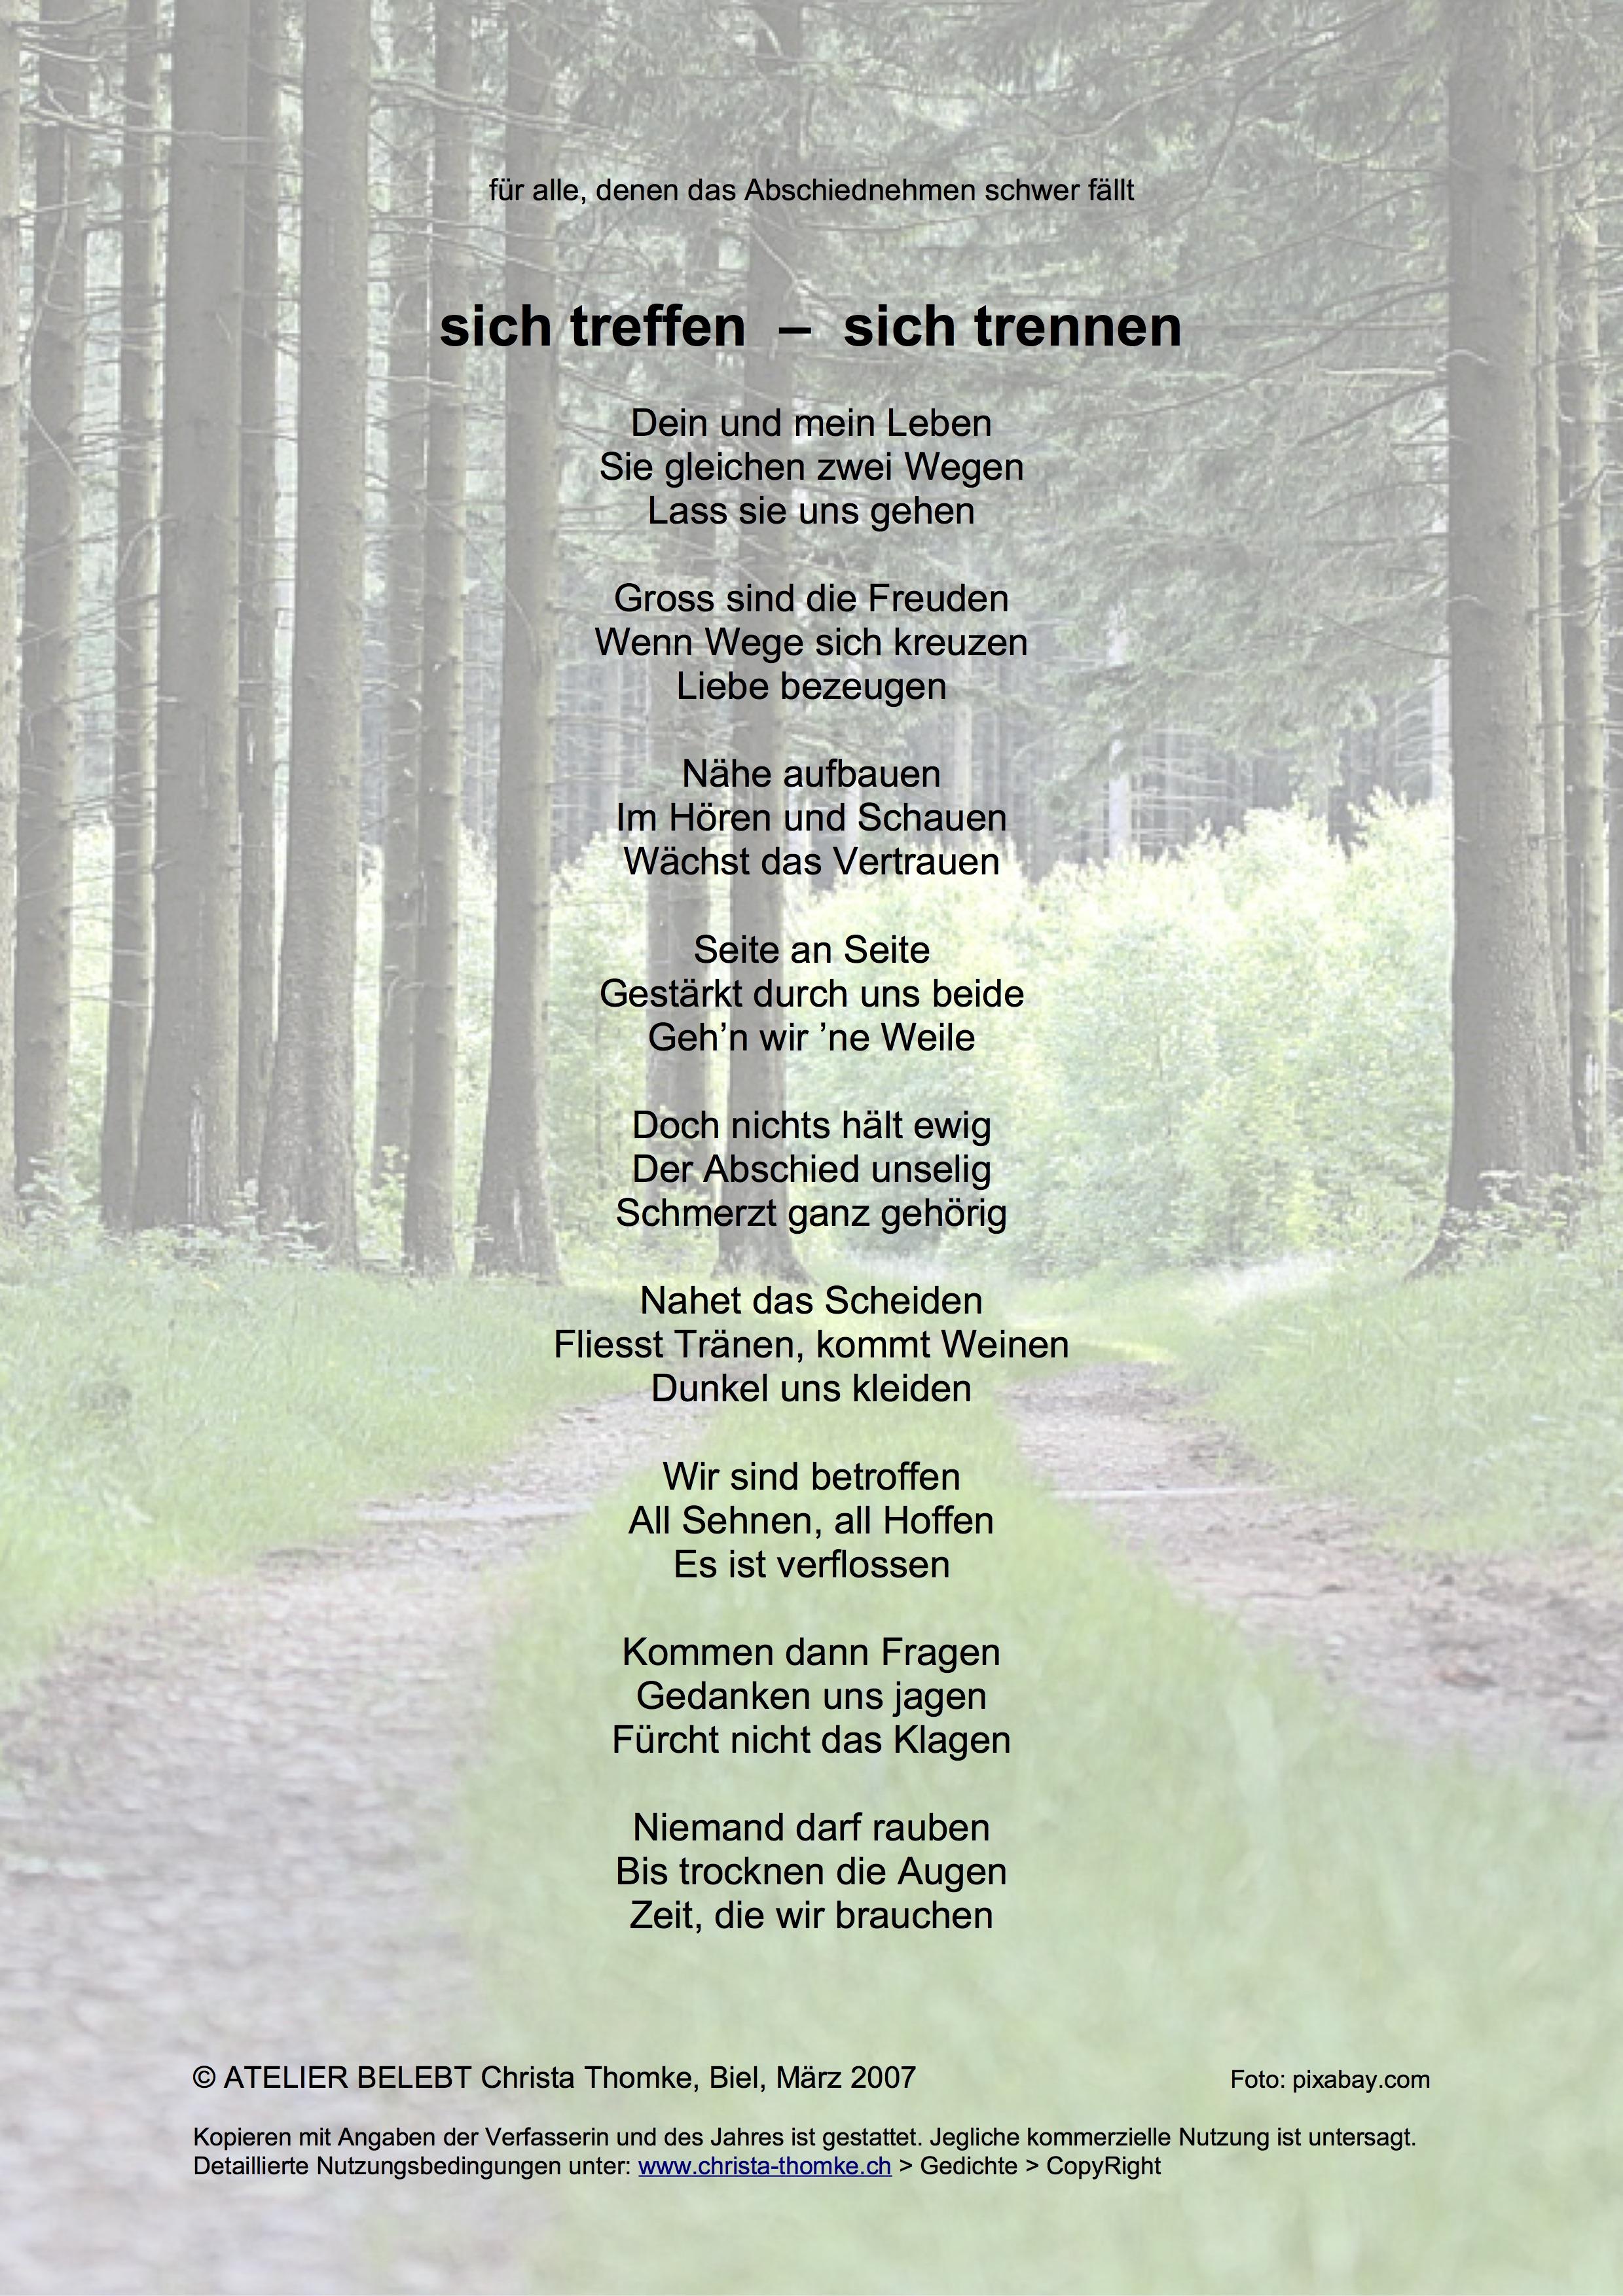 Gedichte Vertrauen Aufbauen